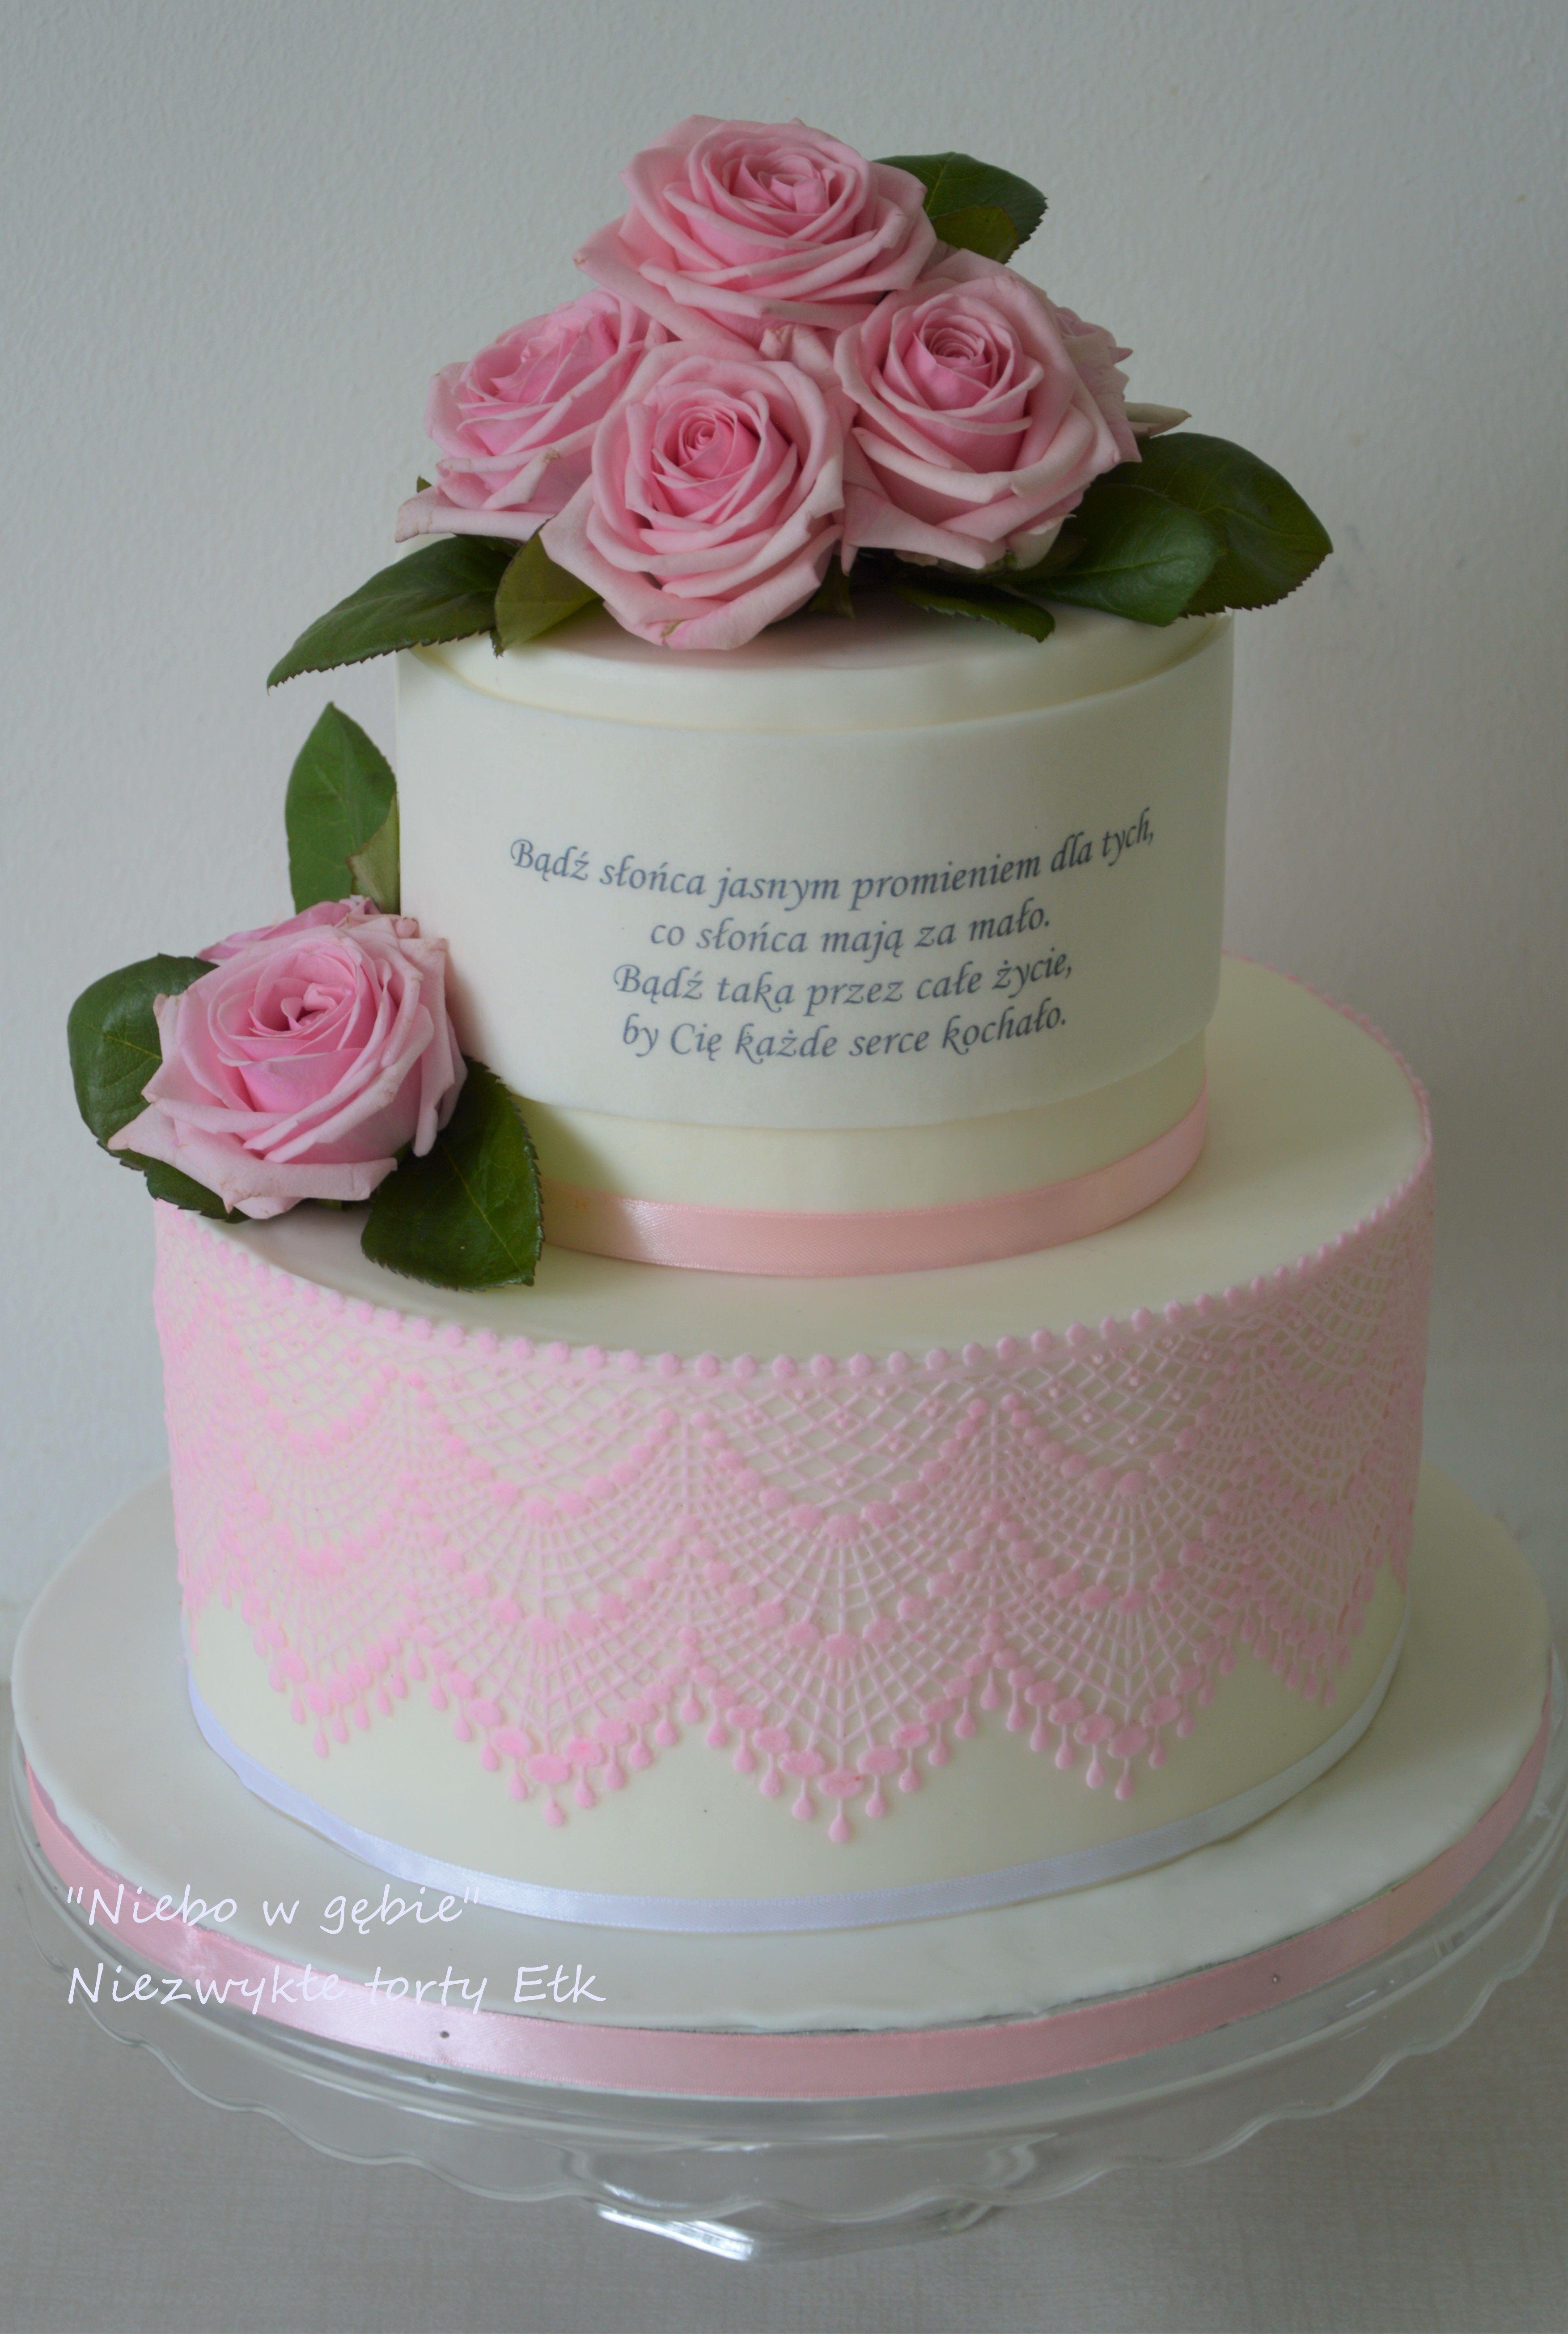 Tort Elegancki Roze Kwiaty Koronka 80urodziny Sentencja Cake Desserts Food